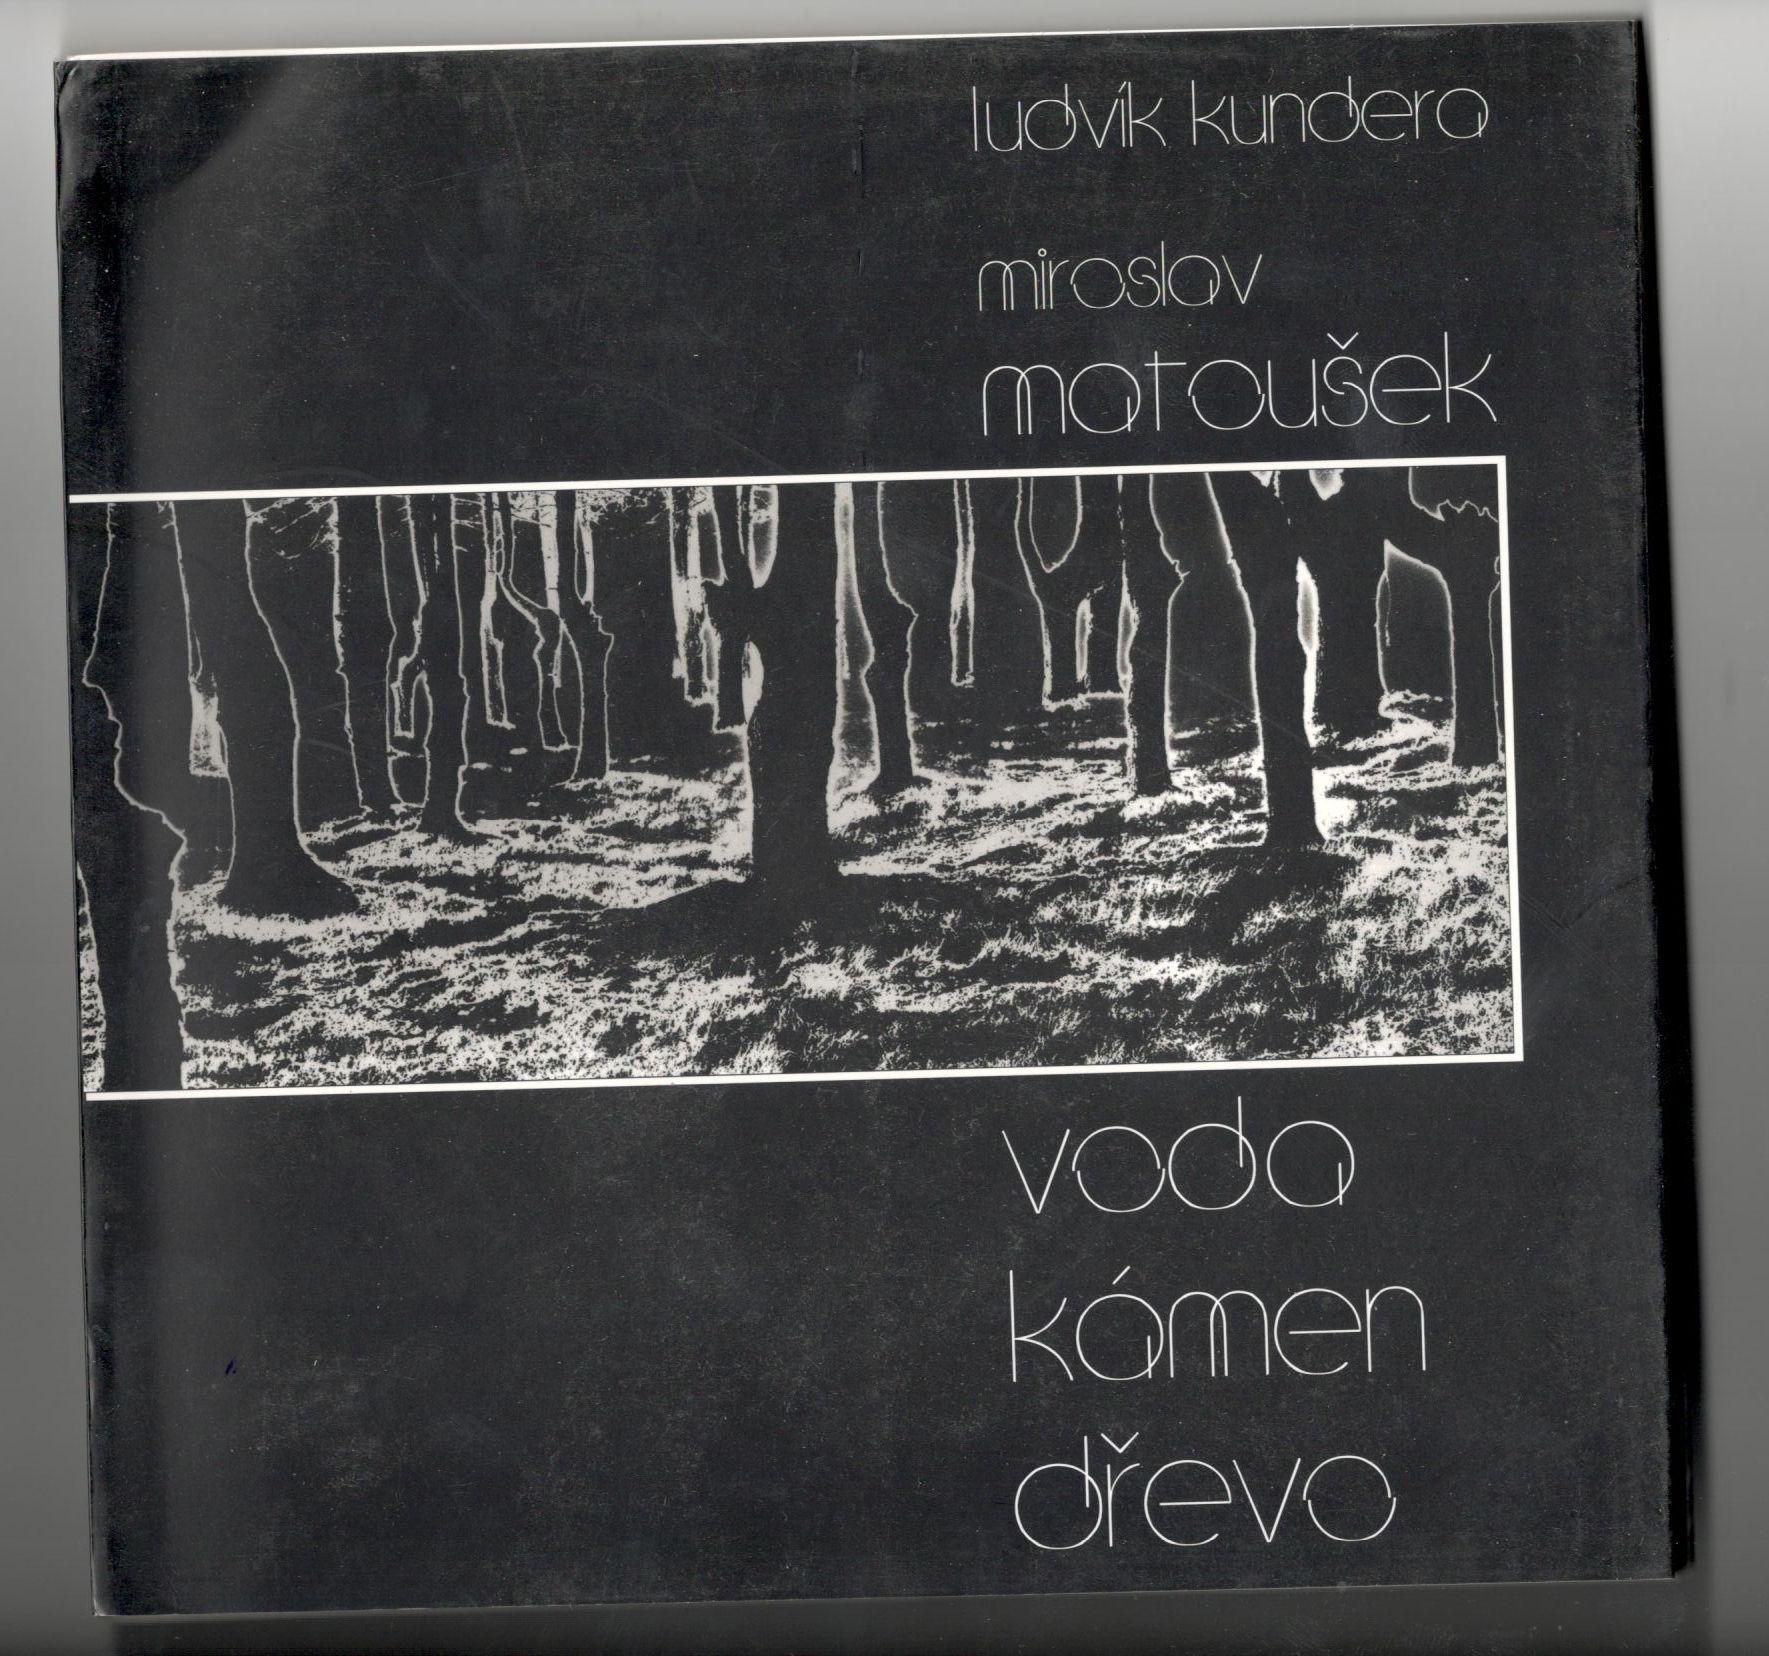 Voda, kámen, dřevo - Ludvík Kundera, Miroslav Matoušek